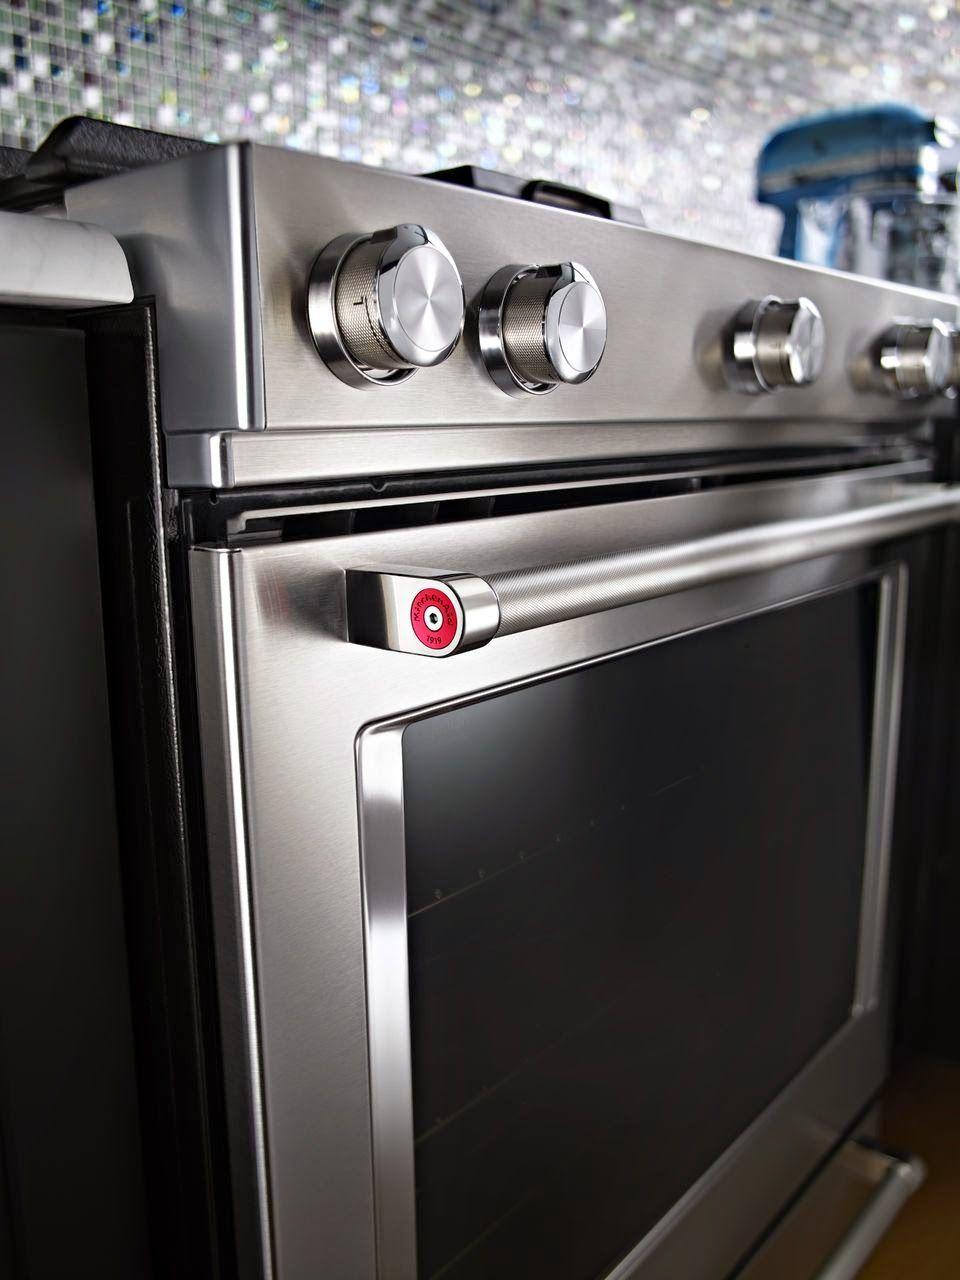 kitchenaid induction range how to use